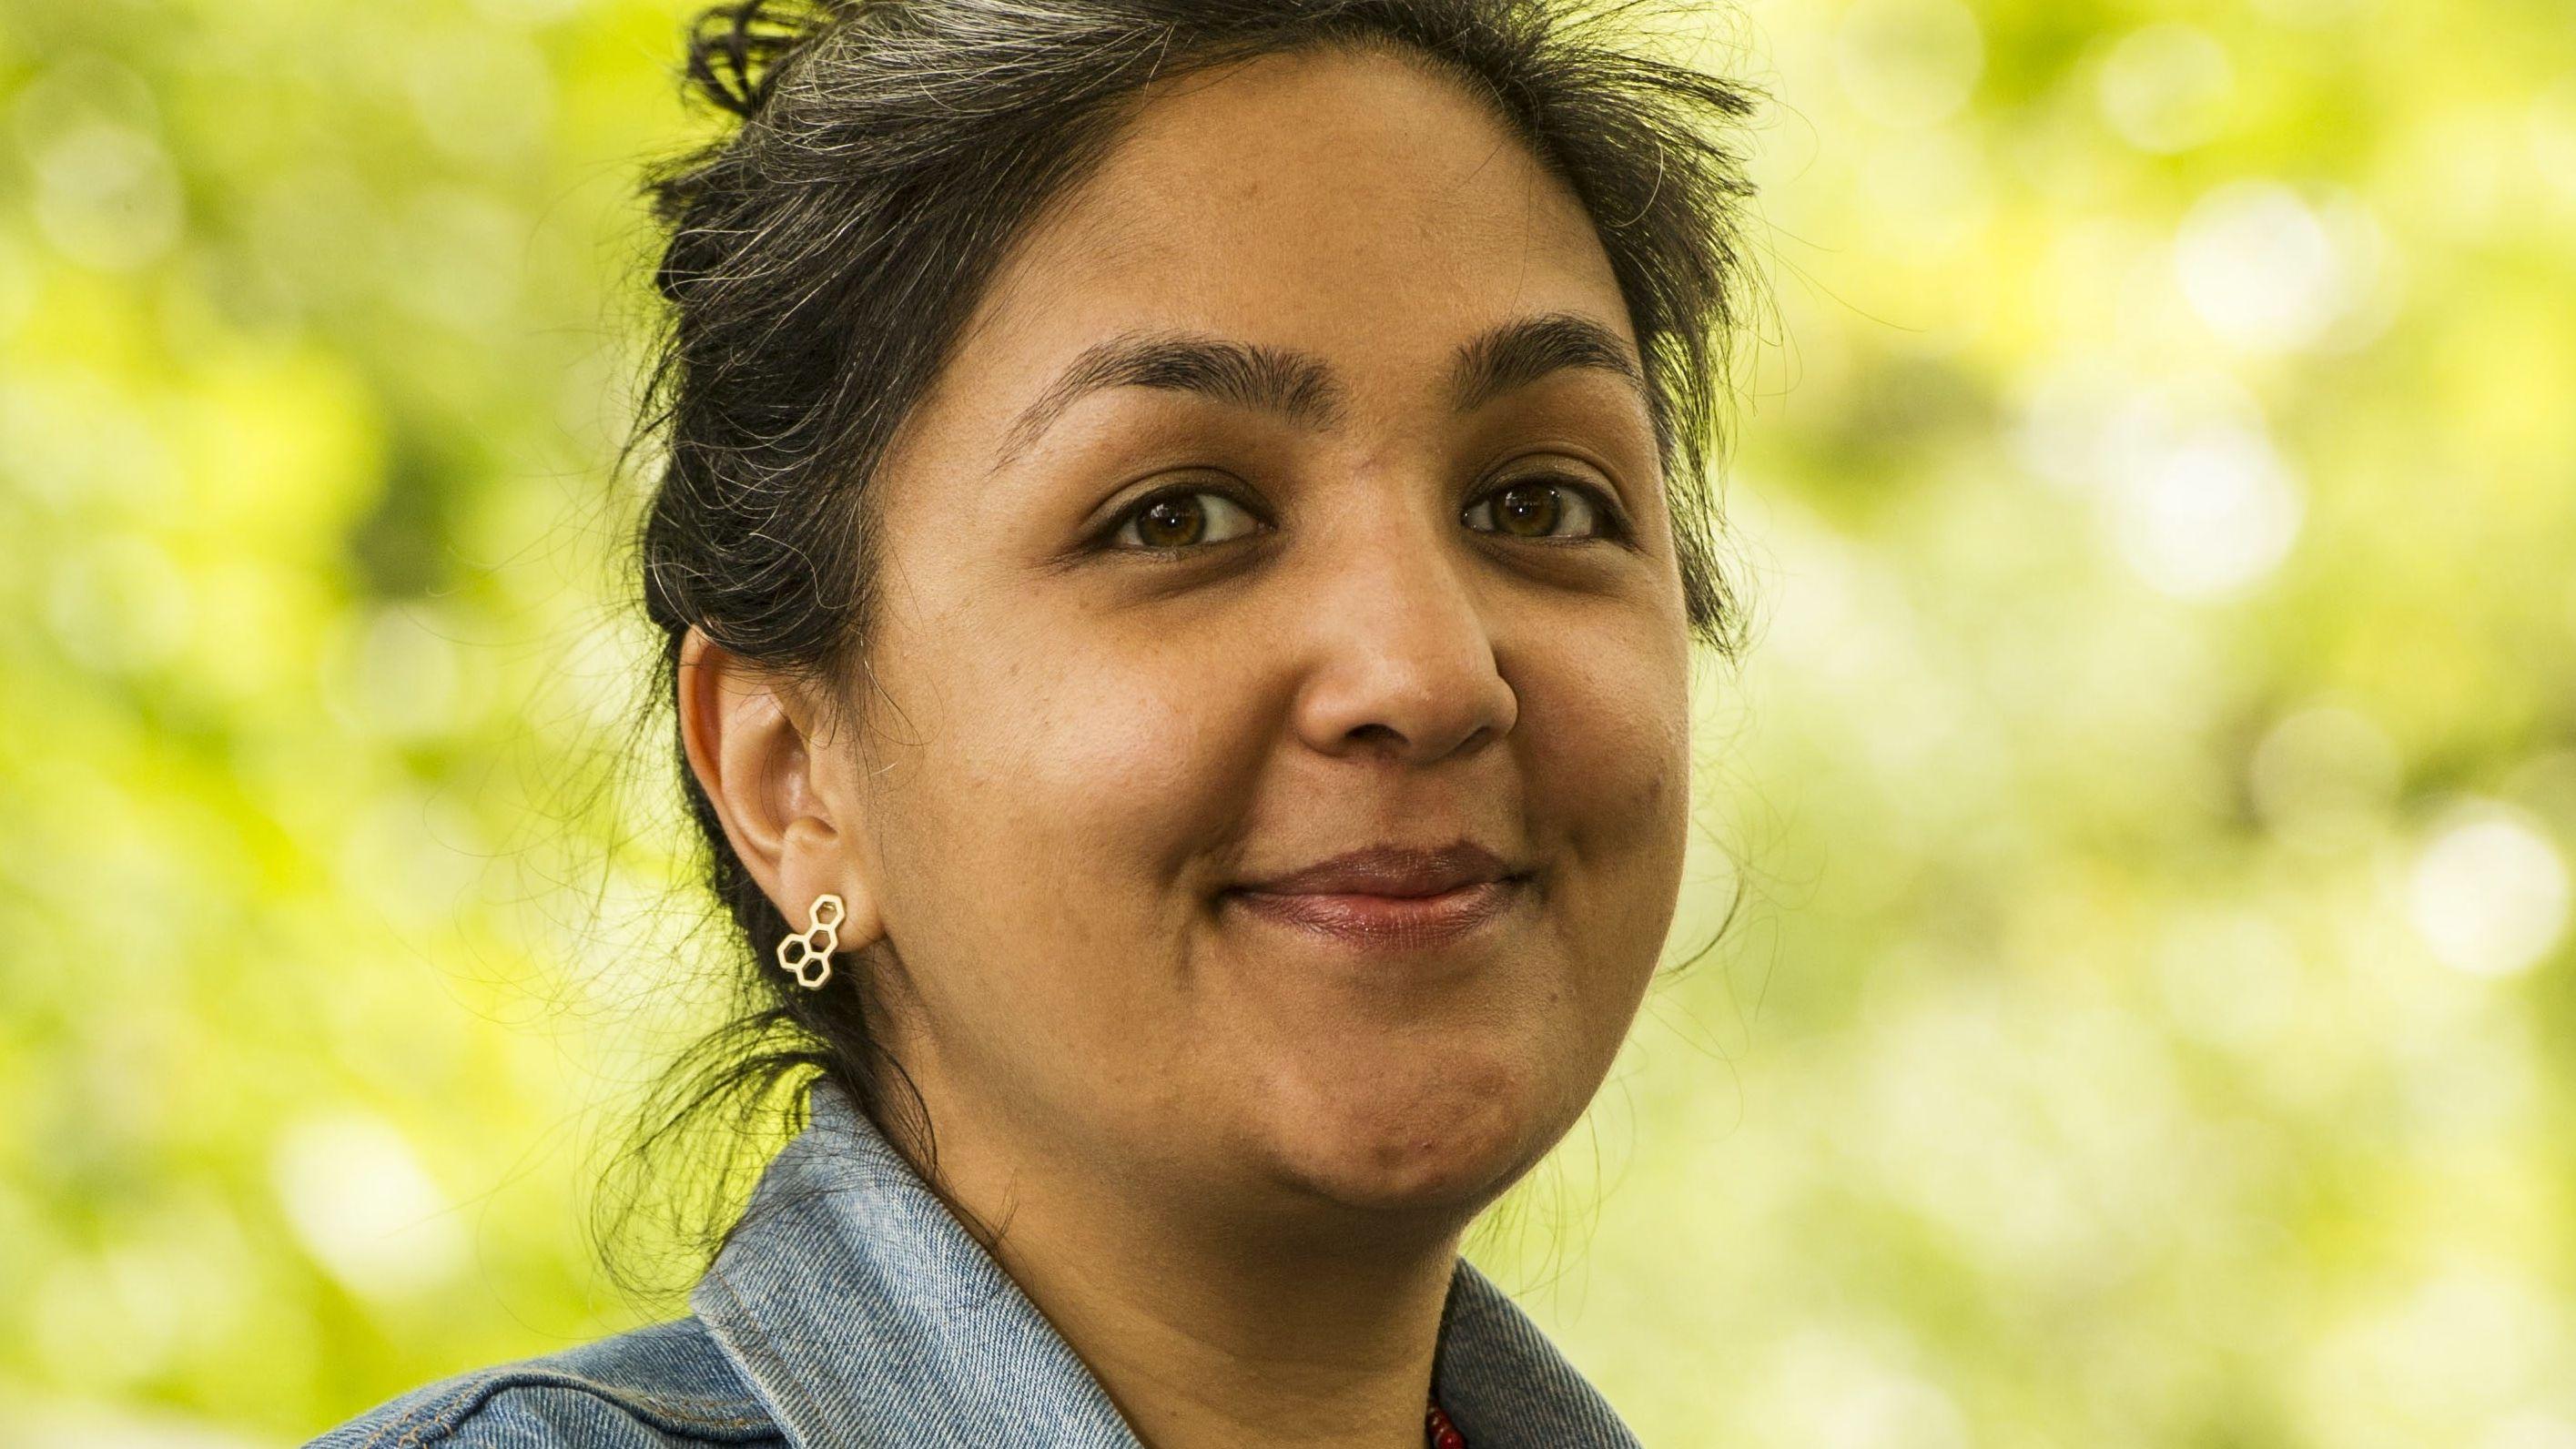 Autorin Preti Taneja blickt vor sonnenbeschienenem Laub lächelnd in die Kamera